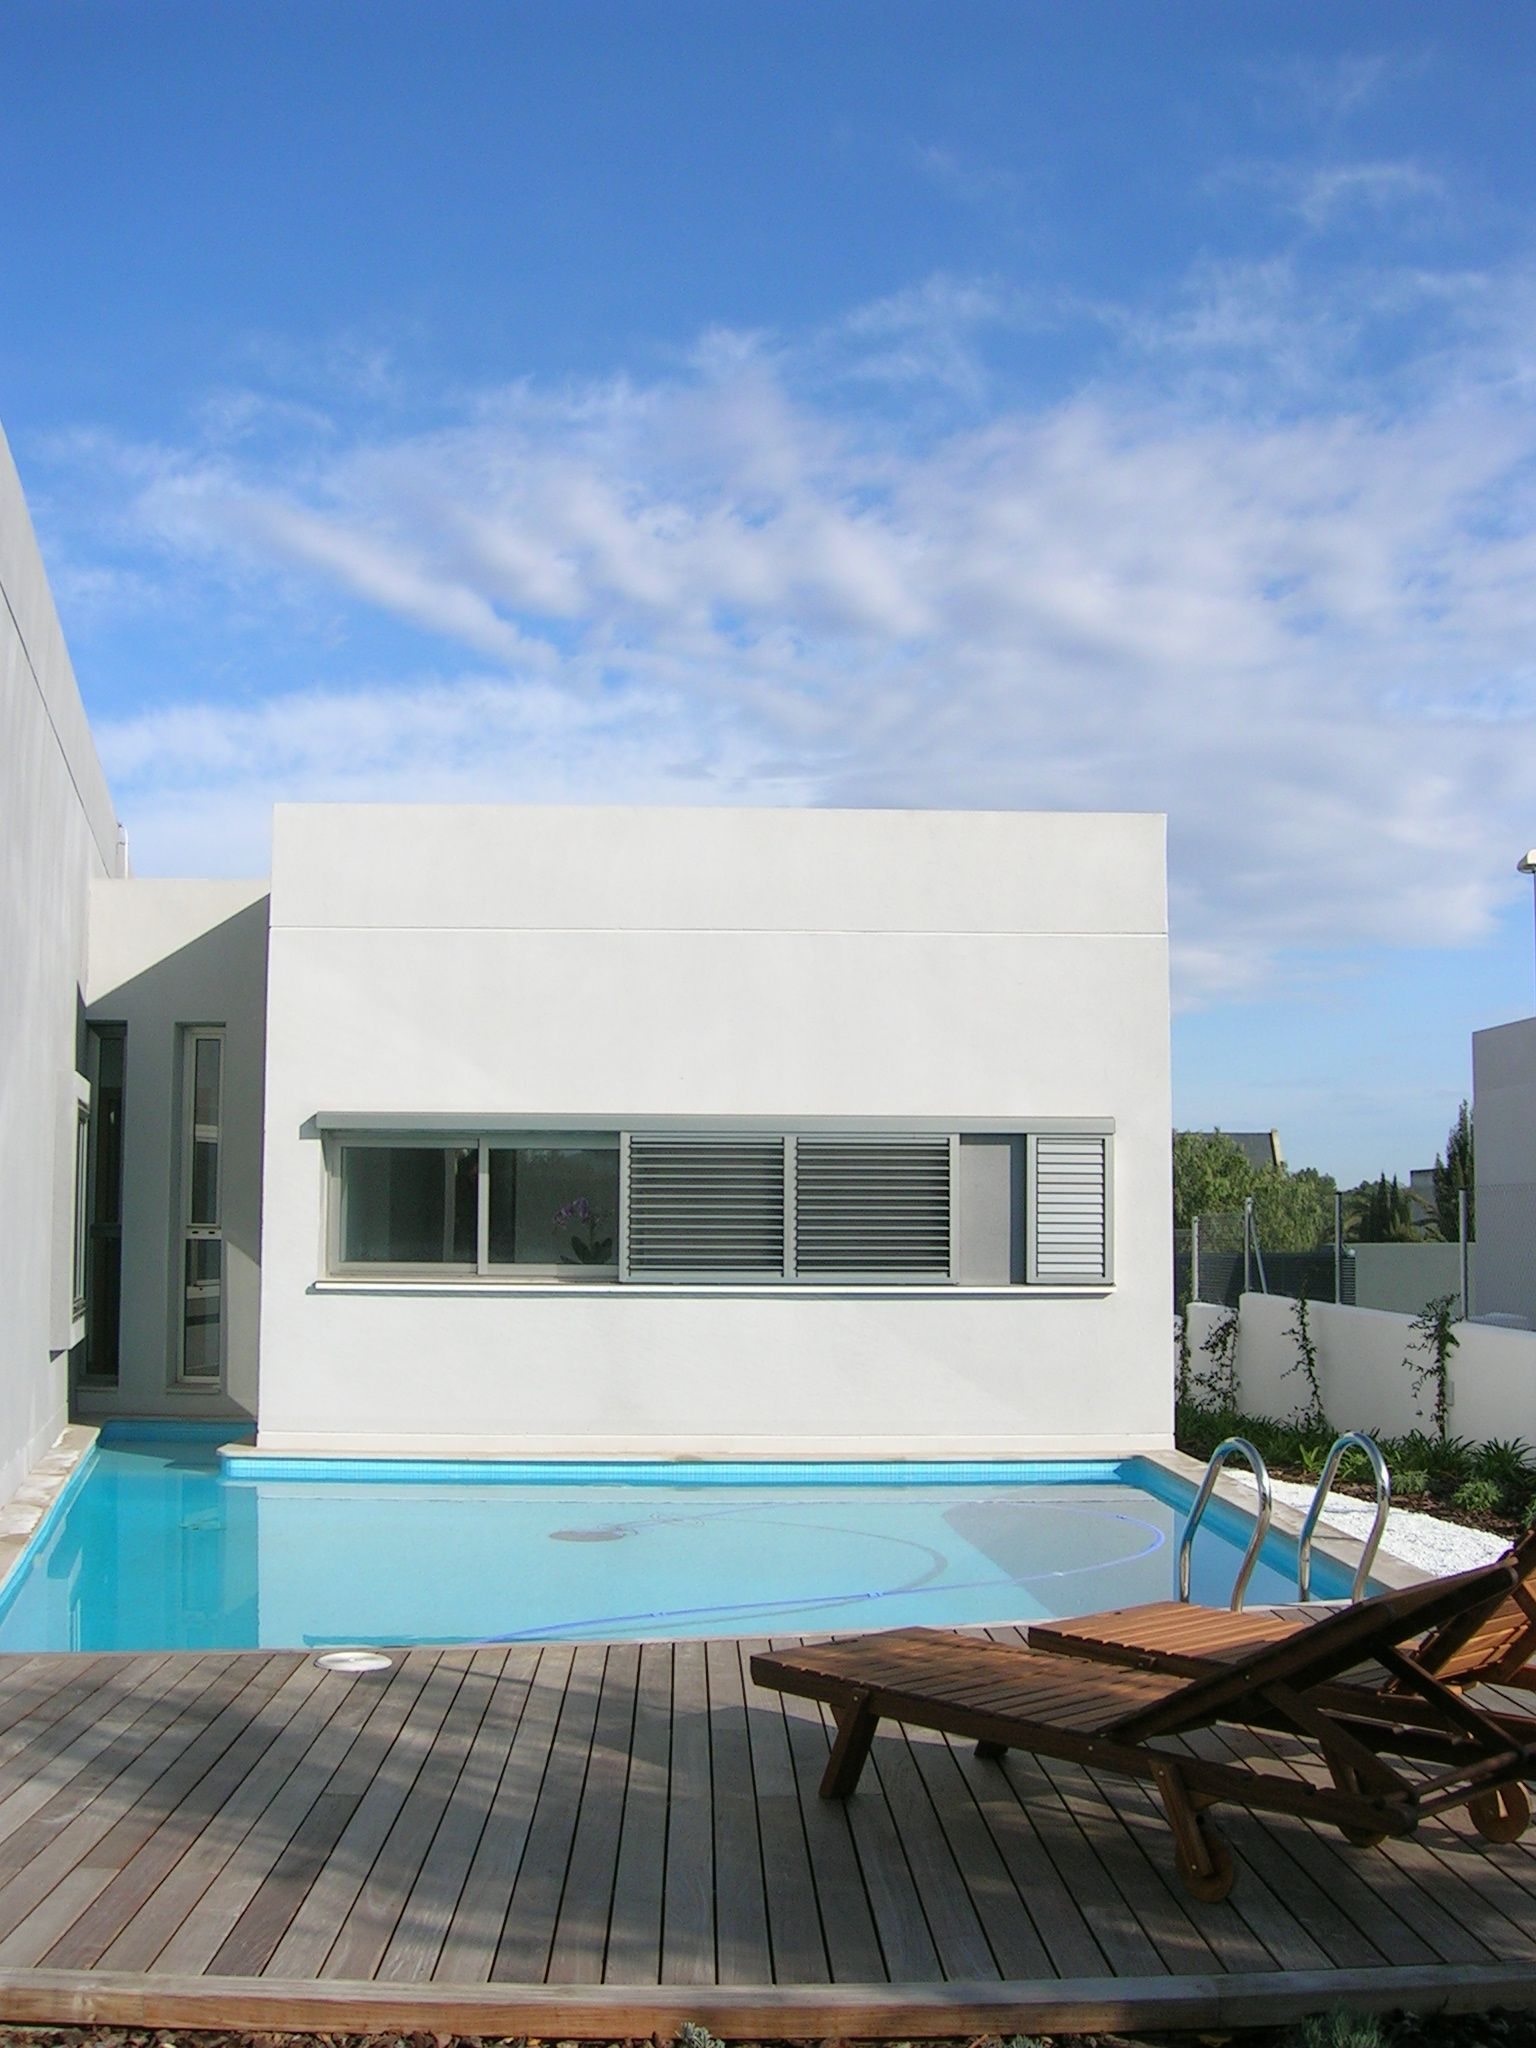 Suelo exterior piscina cheap tarima de madera with suelo for Piscinas de goma